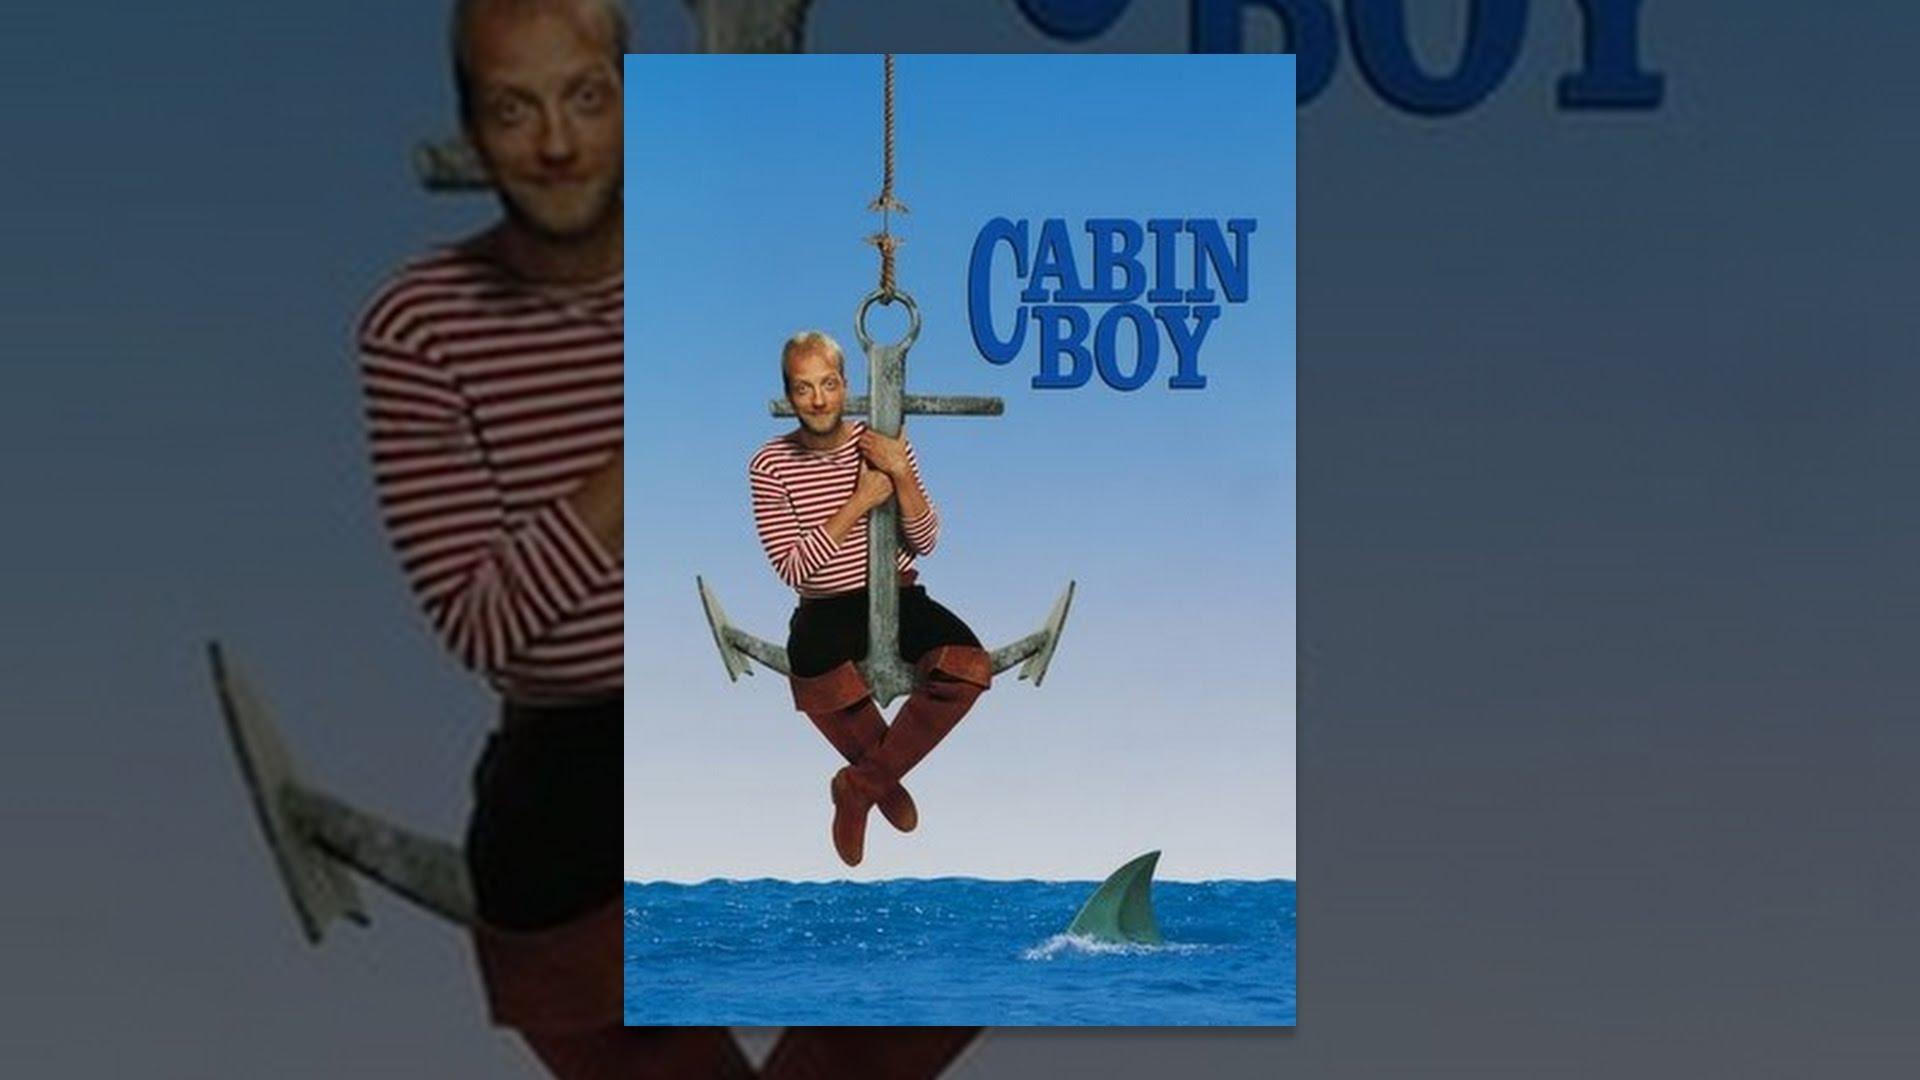 Cabin Boy Youtube